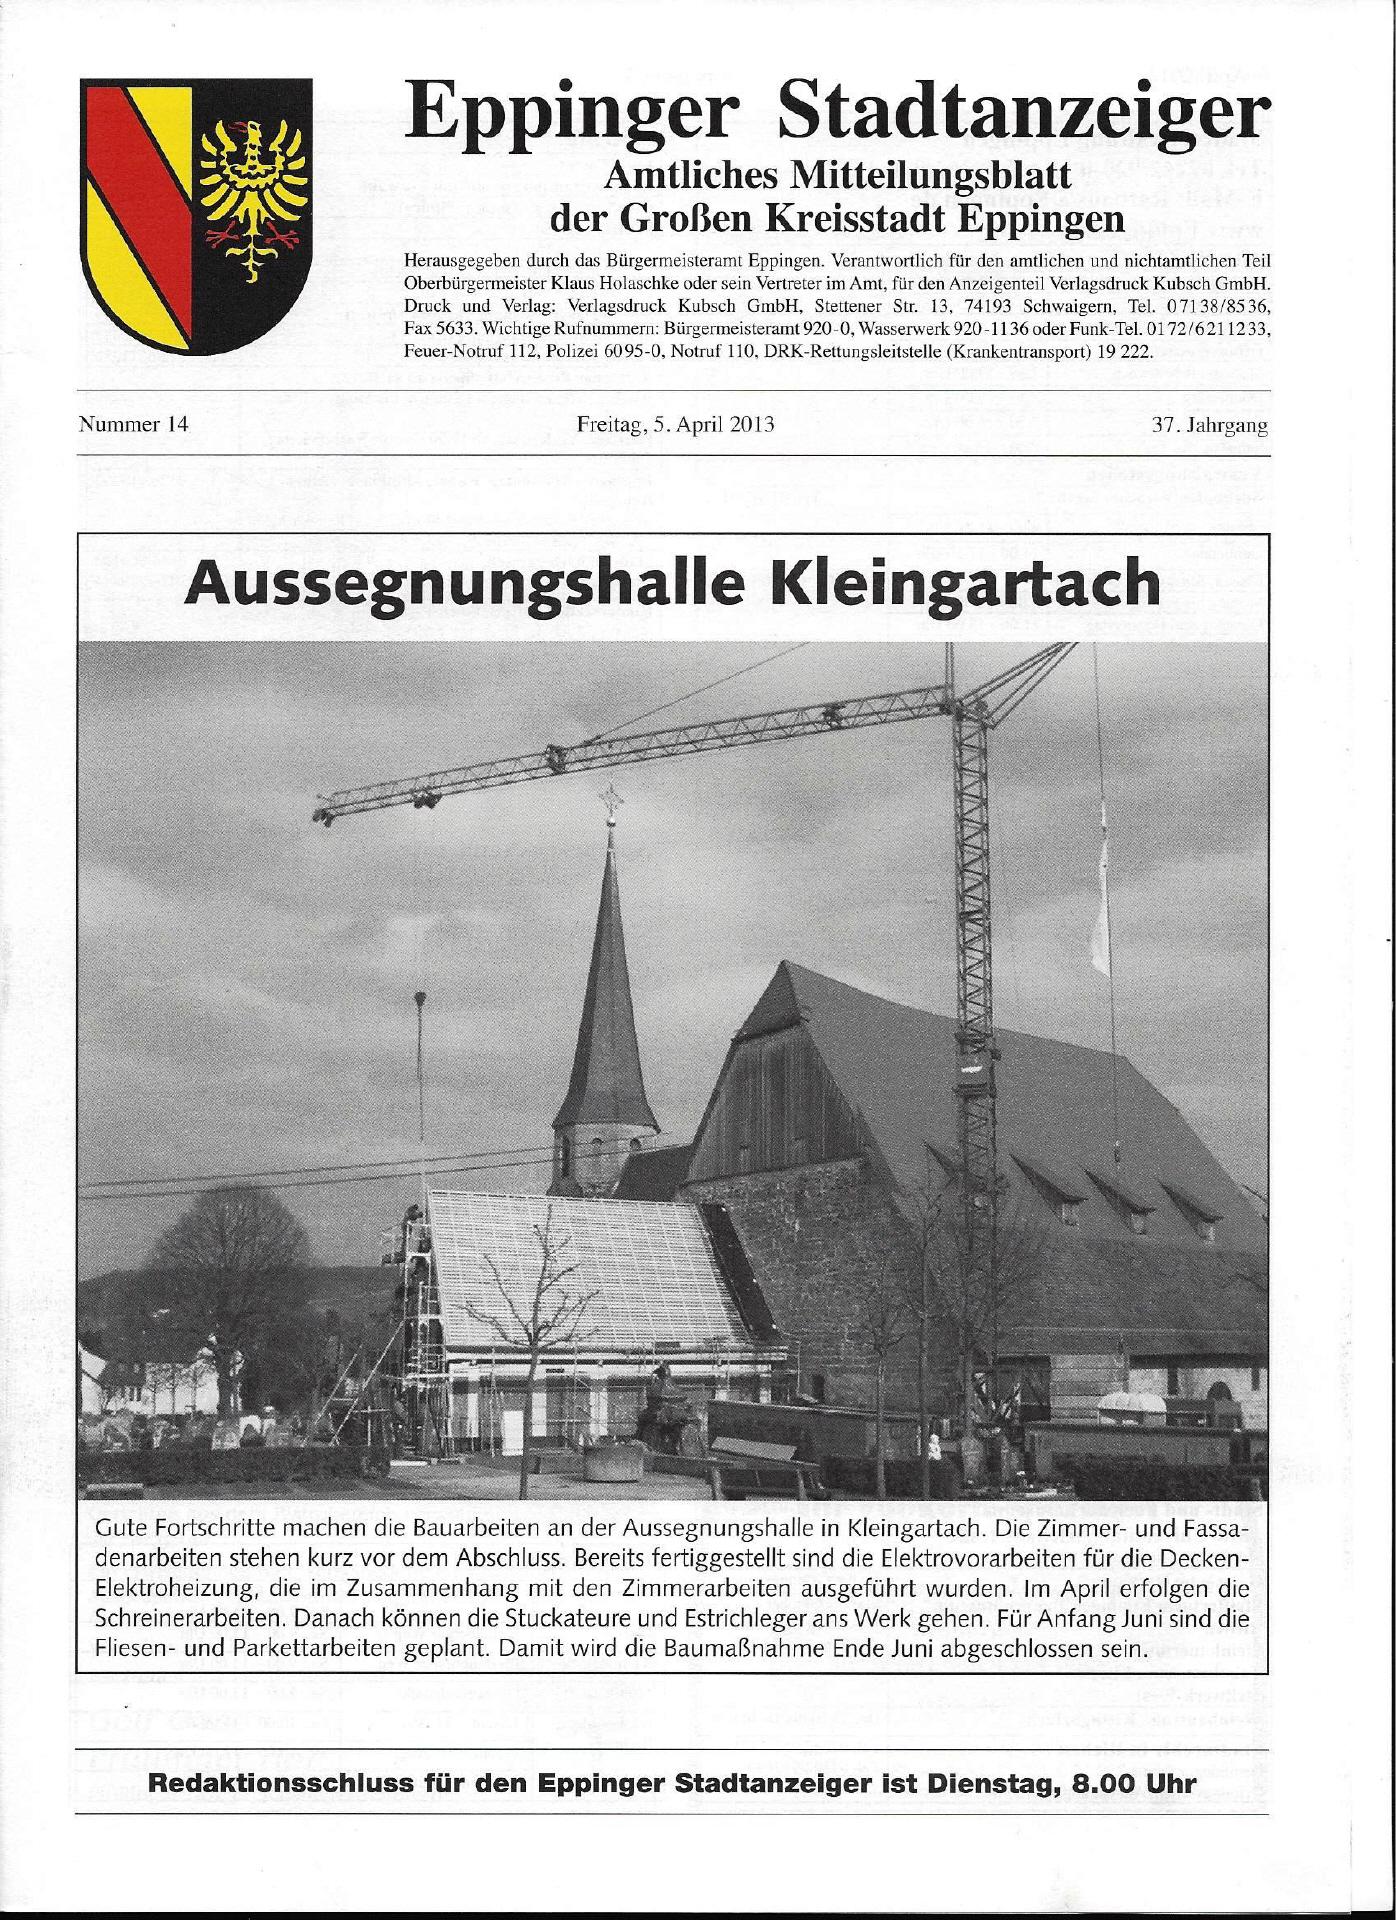 Grandi Joos – Aussegnungshalle Kleingartach